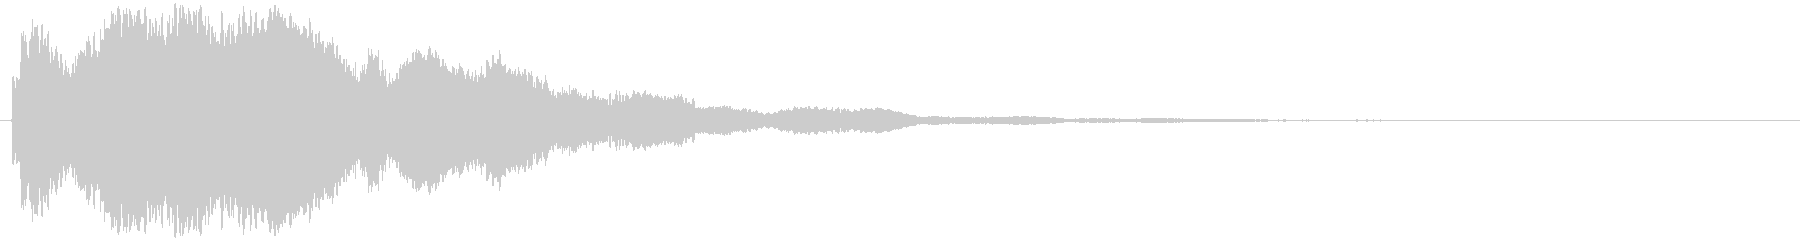 鐘の音でホラー系に使えますの未再生の波形